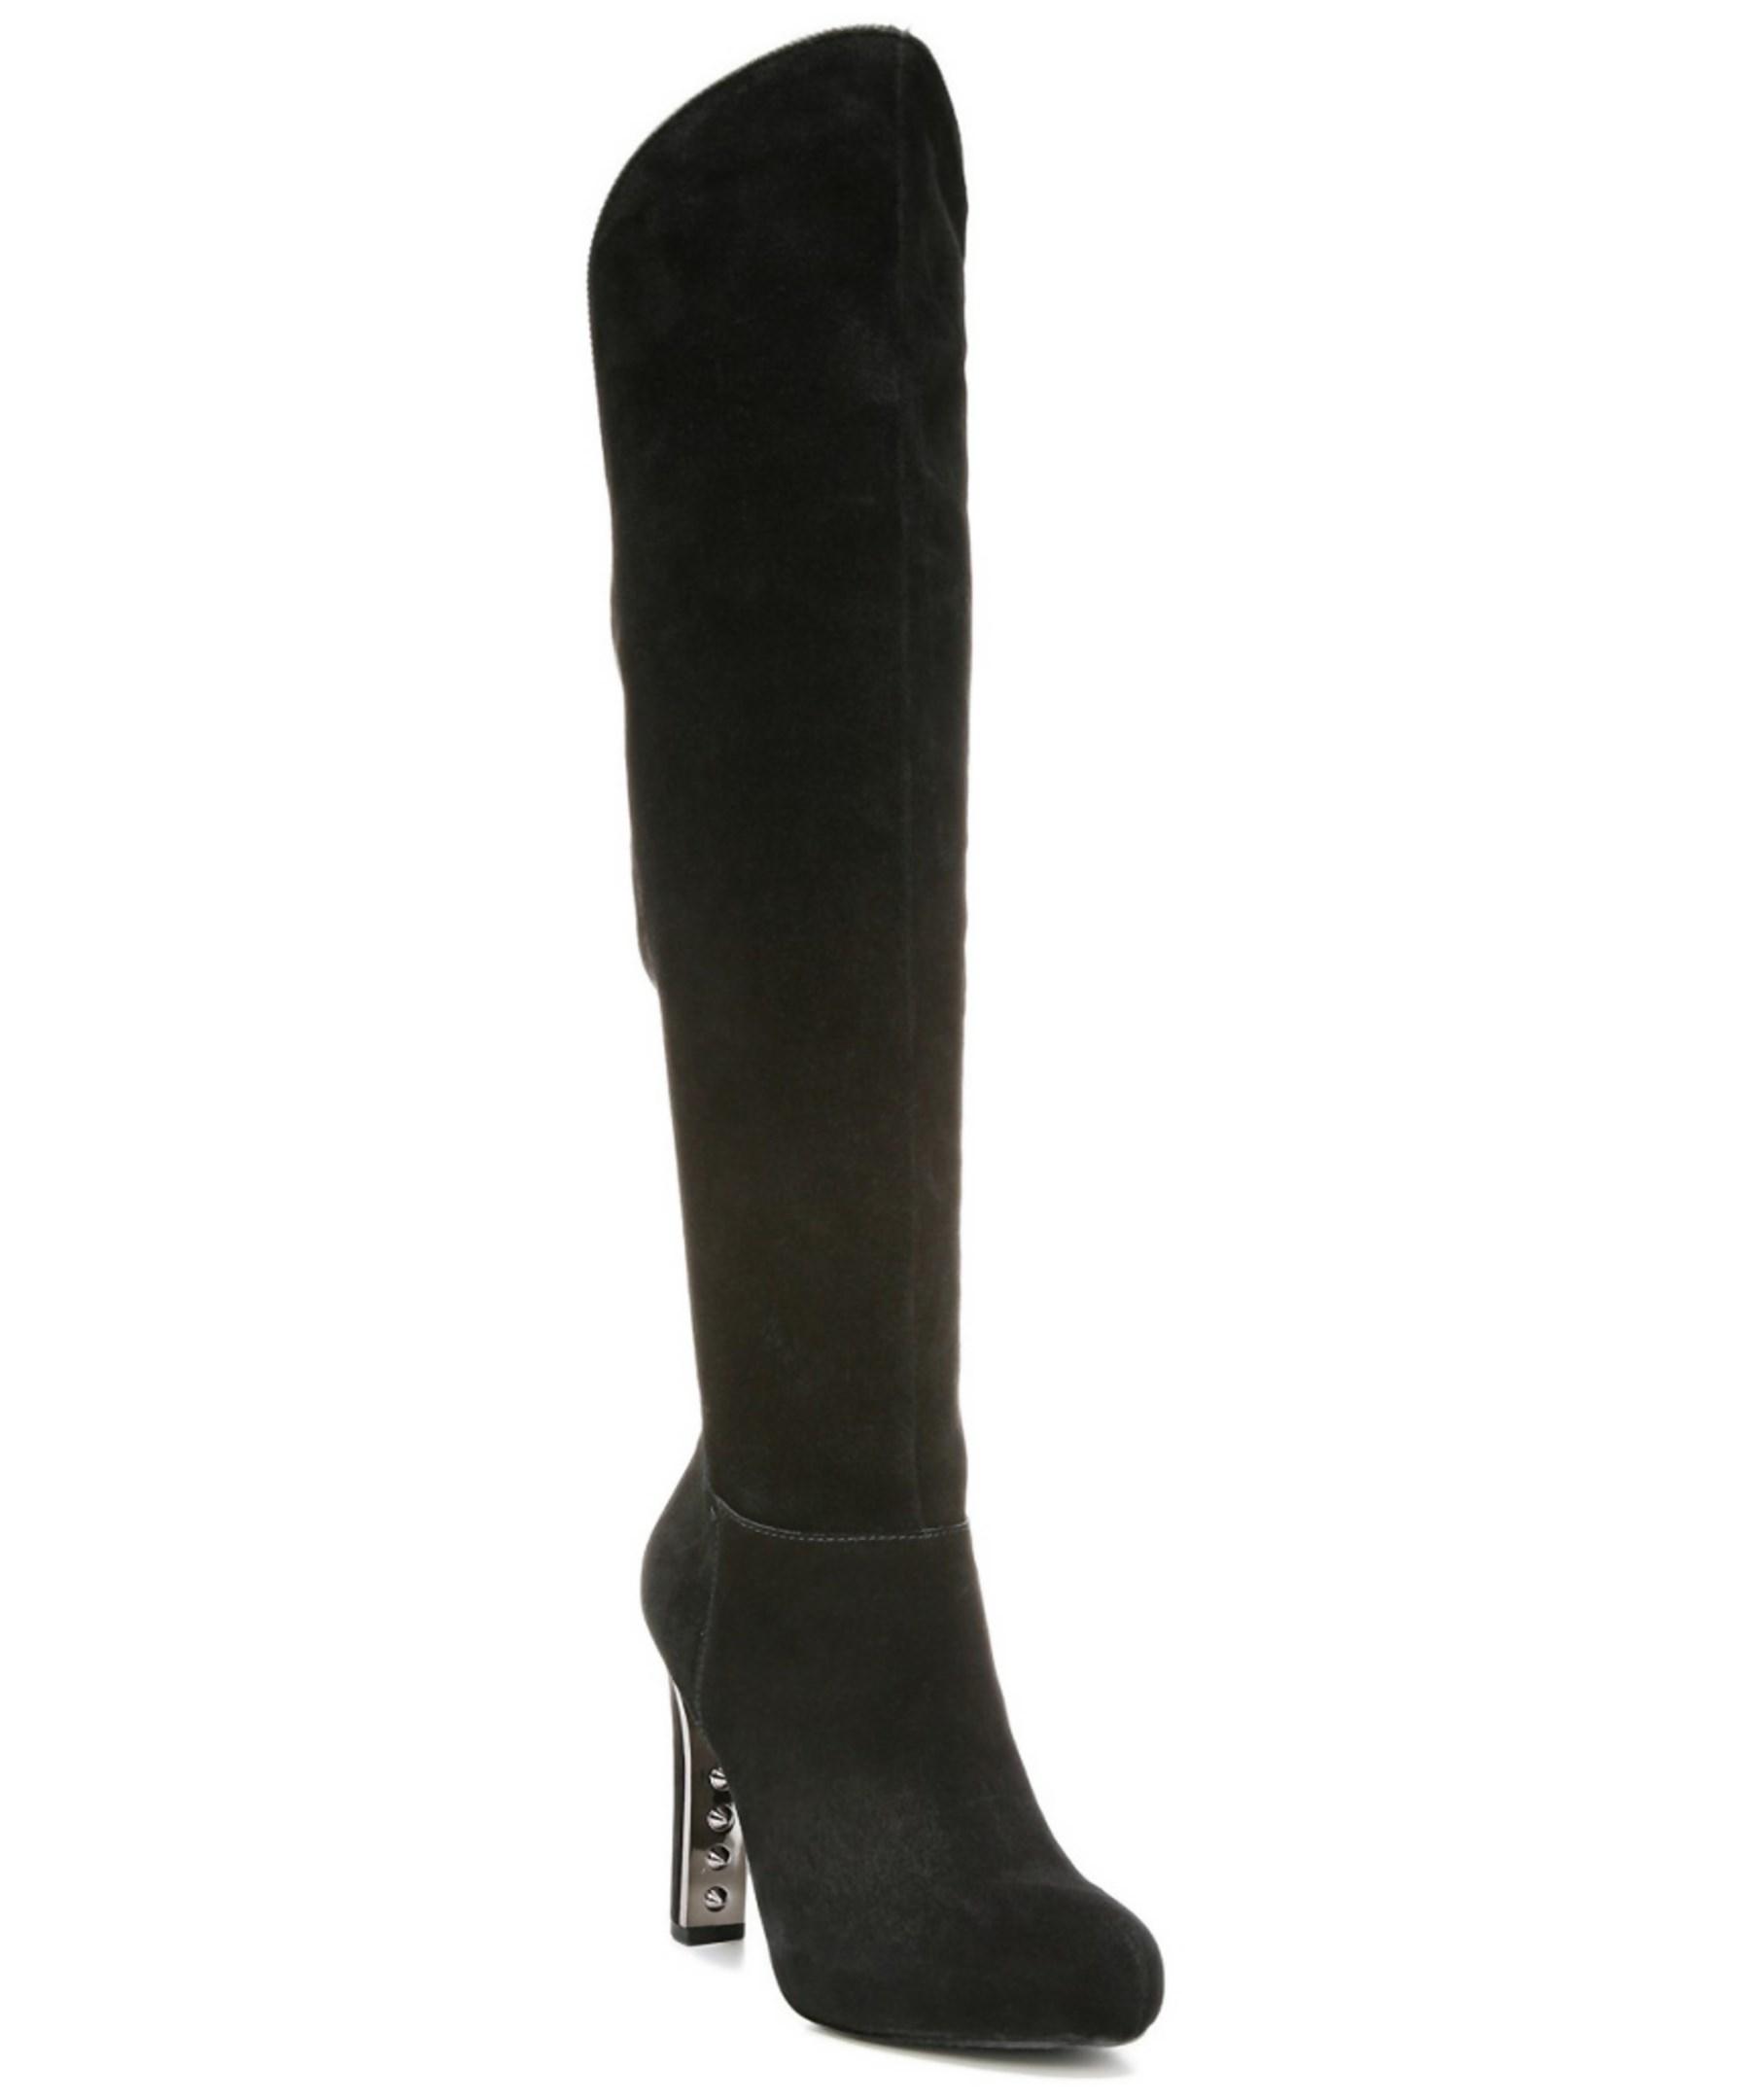 fergie herbie suede boot in black lyst